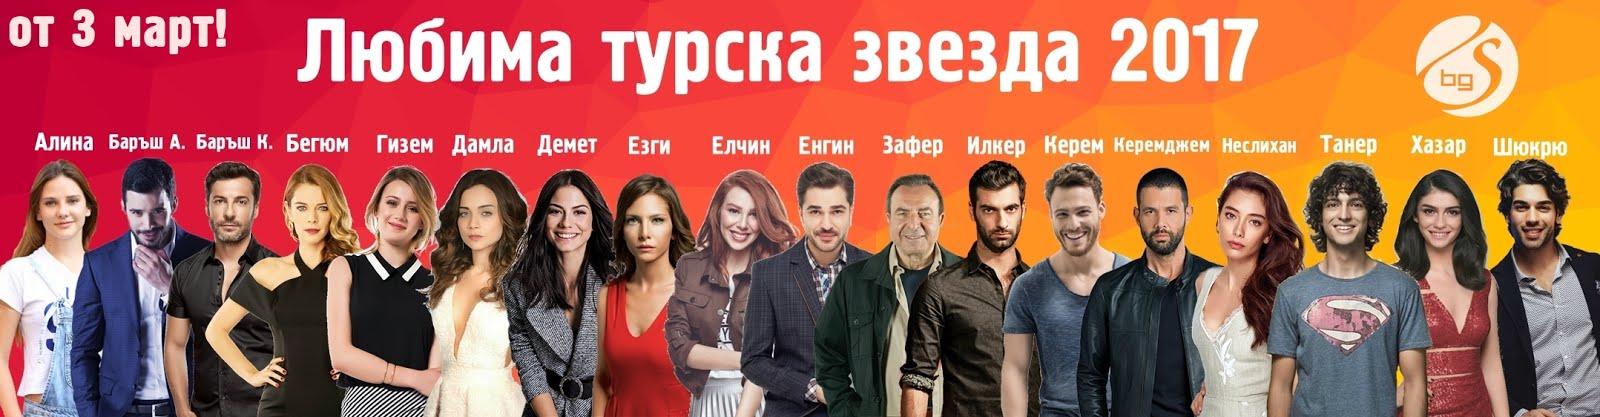 """""""ЛЮБИМА ТУРСКА ЗВЕЗДА 2017"""" - ОТ 3 МАРТ!"""